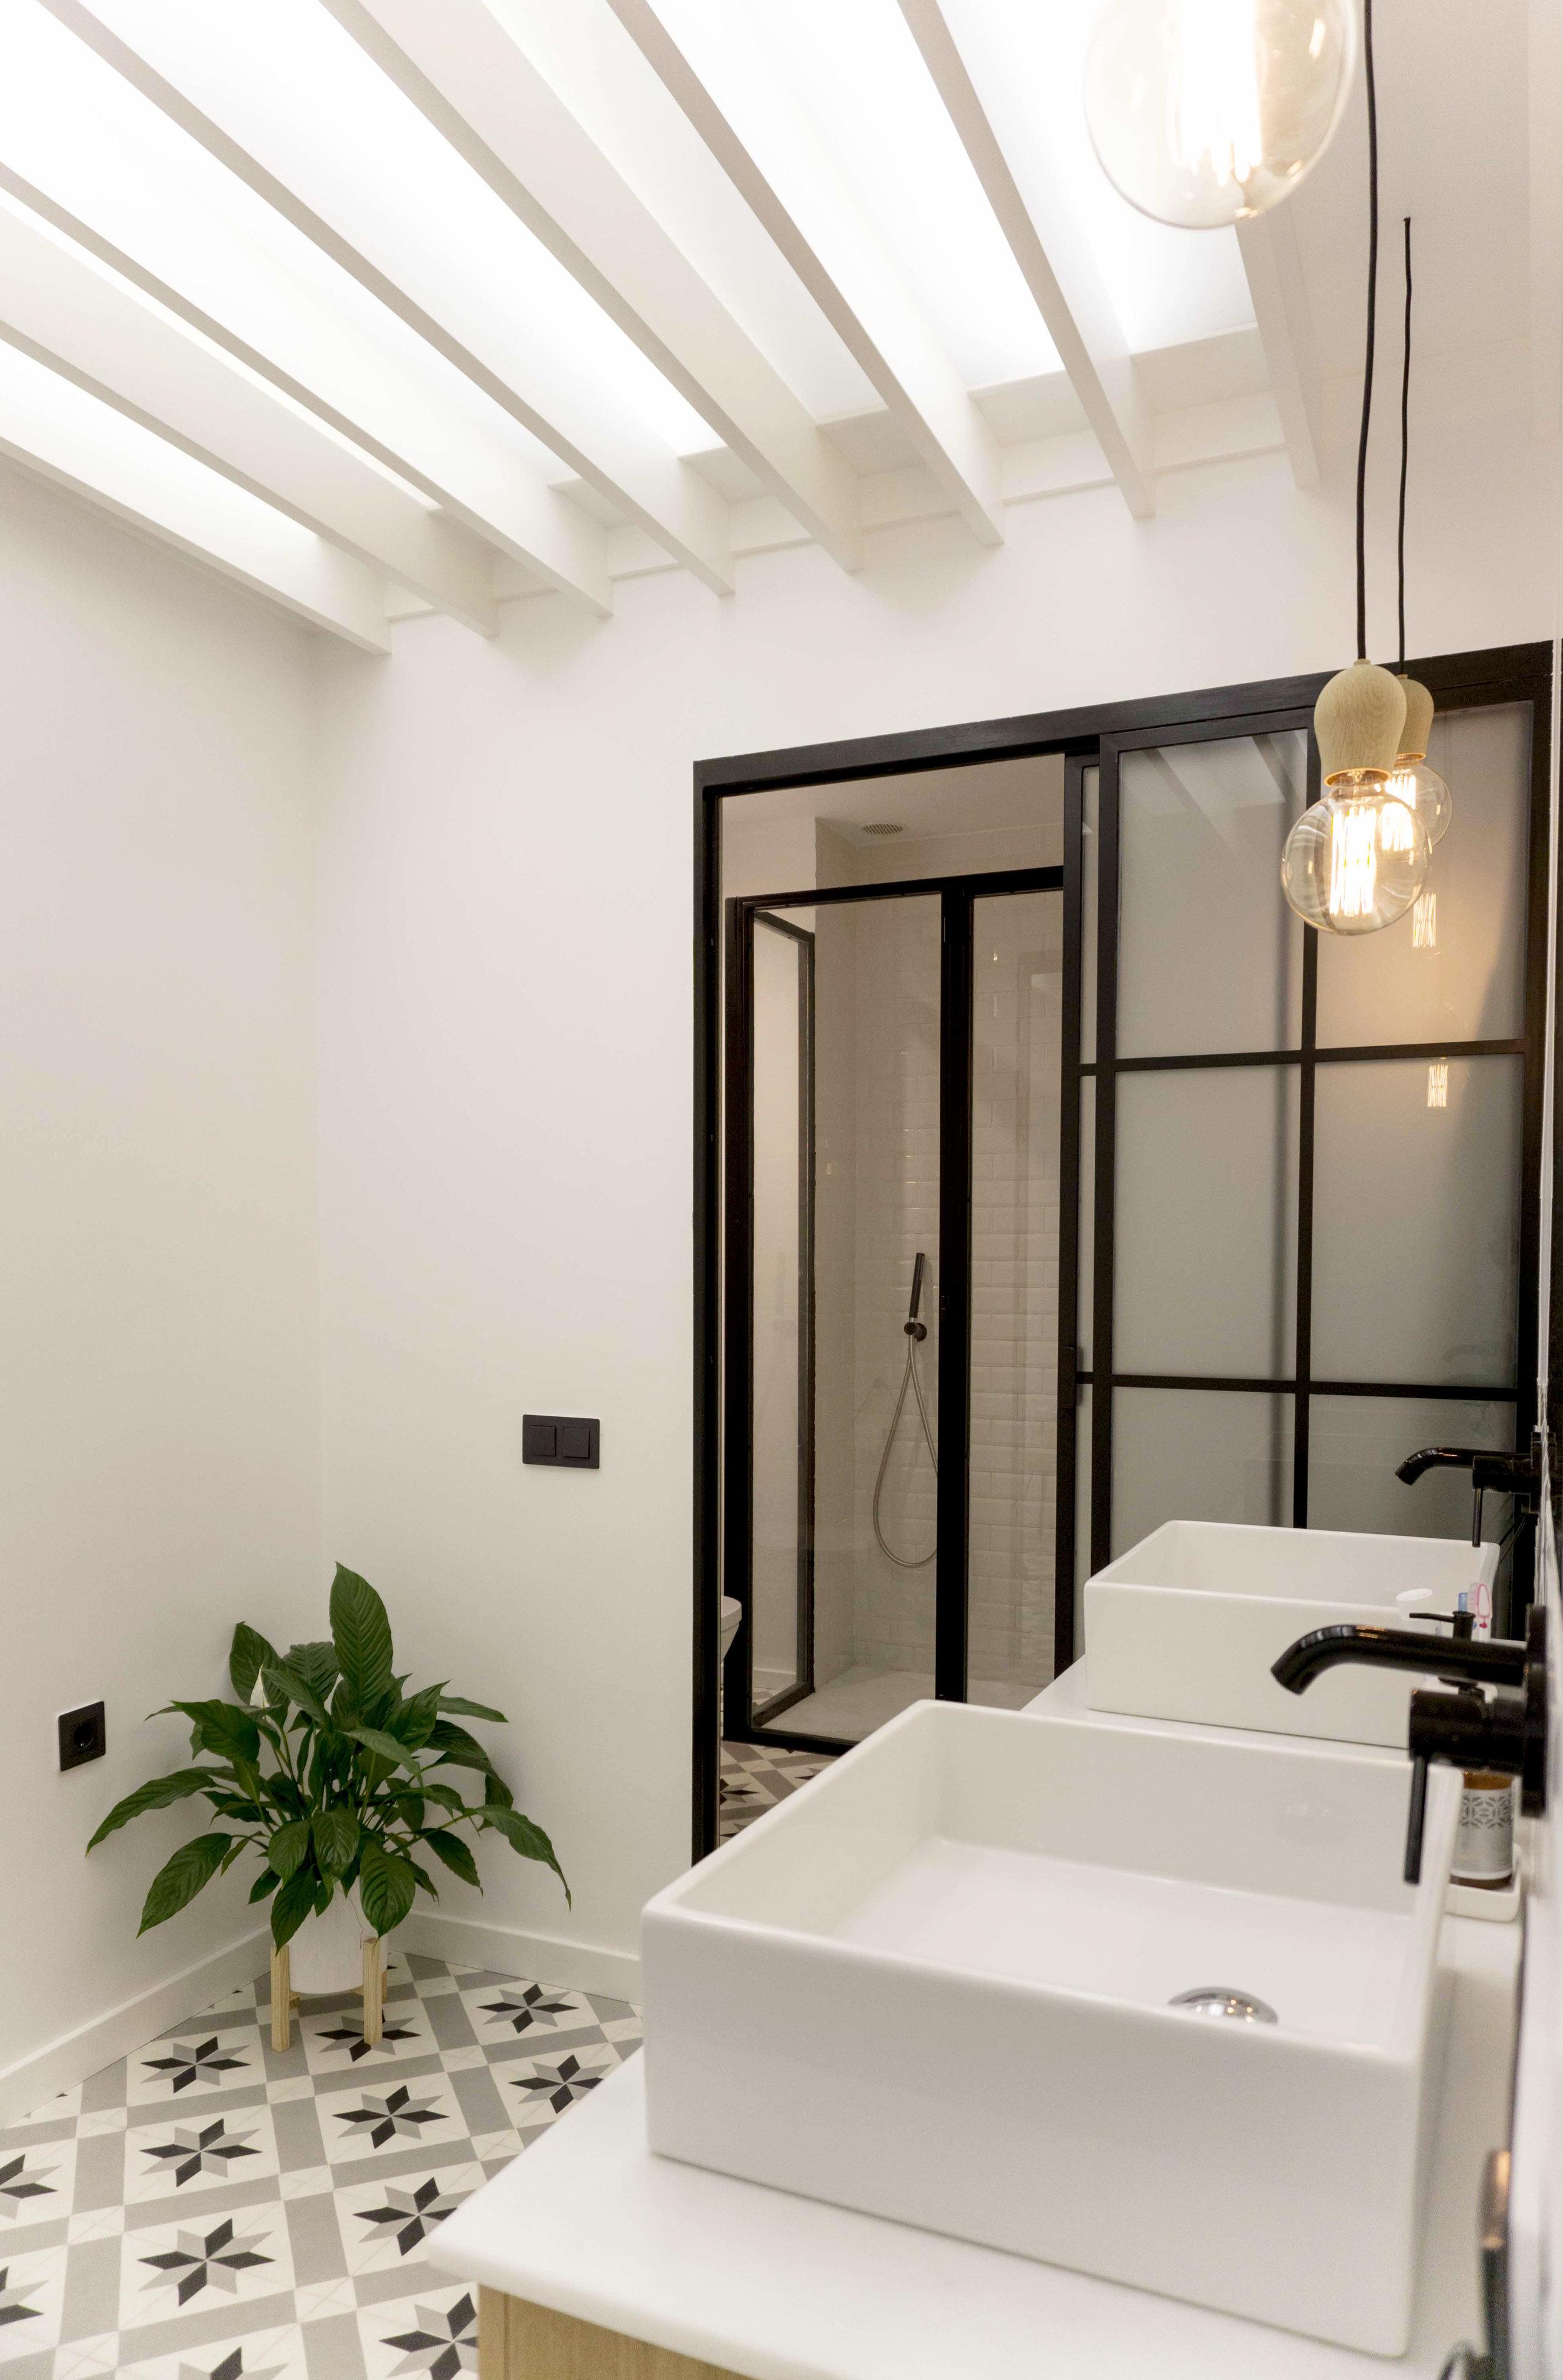 emmme studio AD baño principal el hogar de Laura y Pedro.jpg